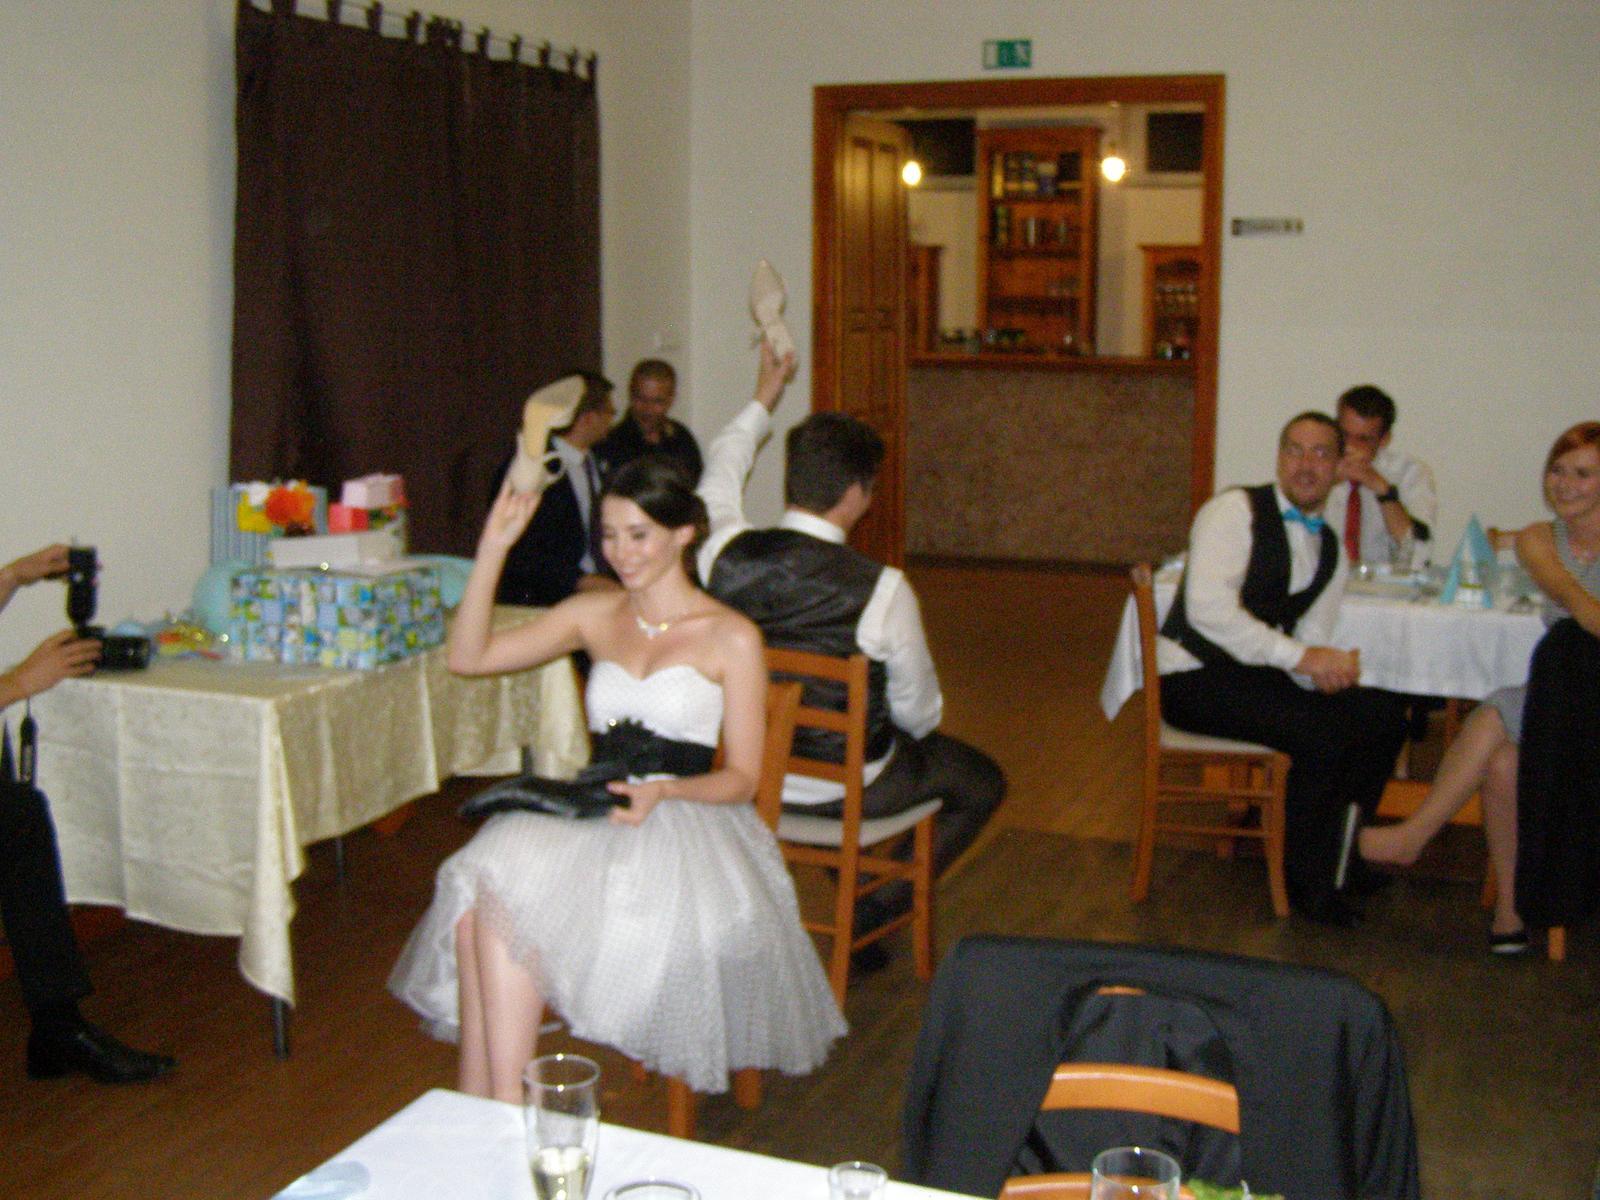 Pivovar Podlesí - svatba 2.9.2016 - .................no vida........shodnou se...............